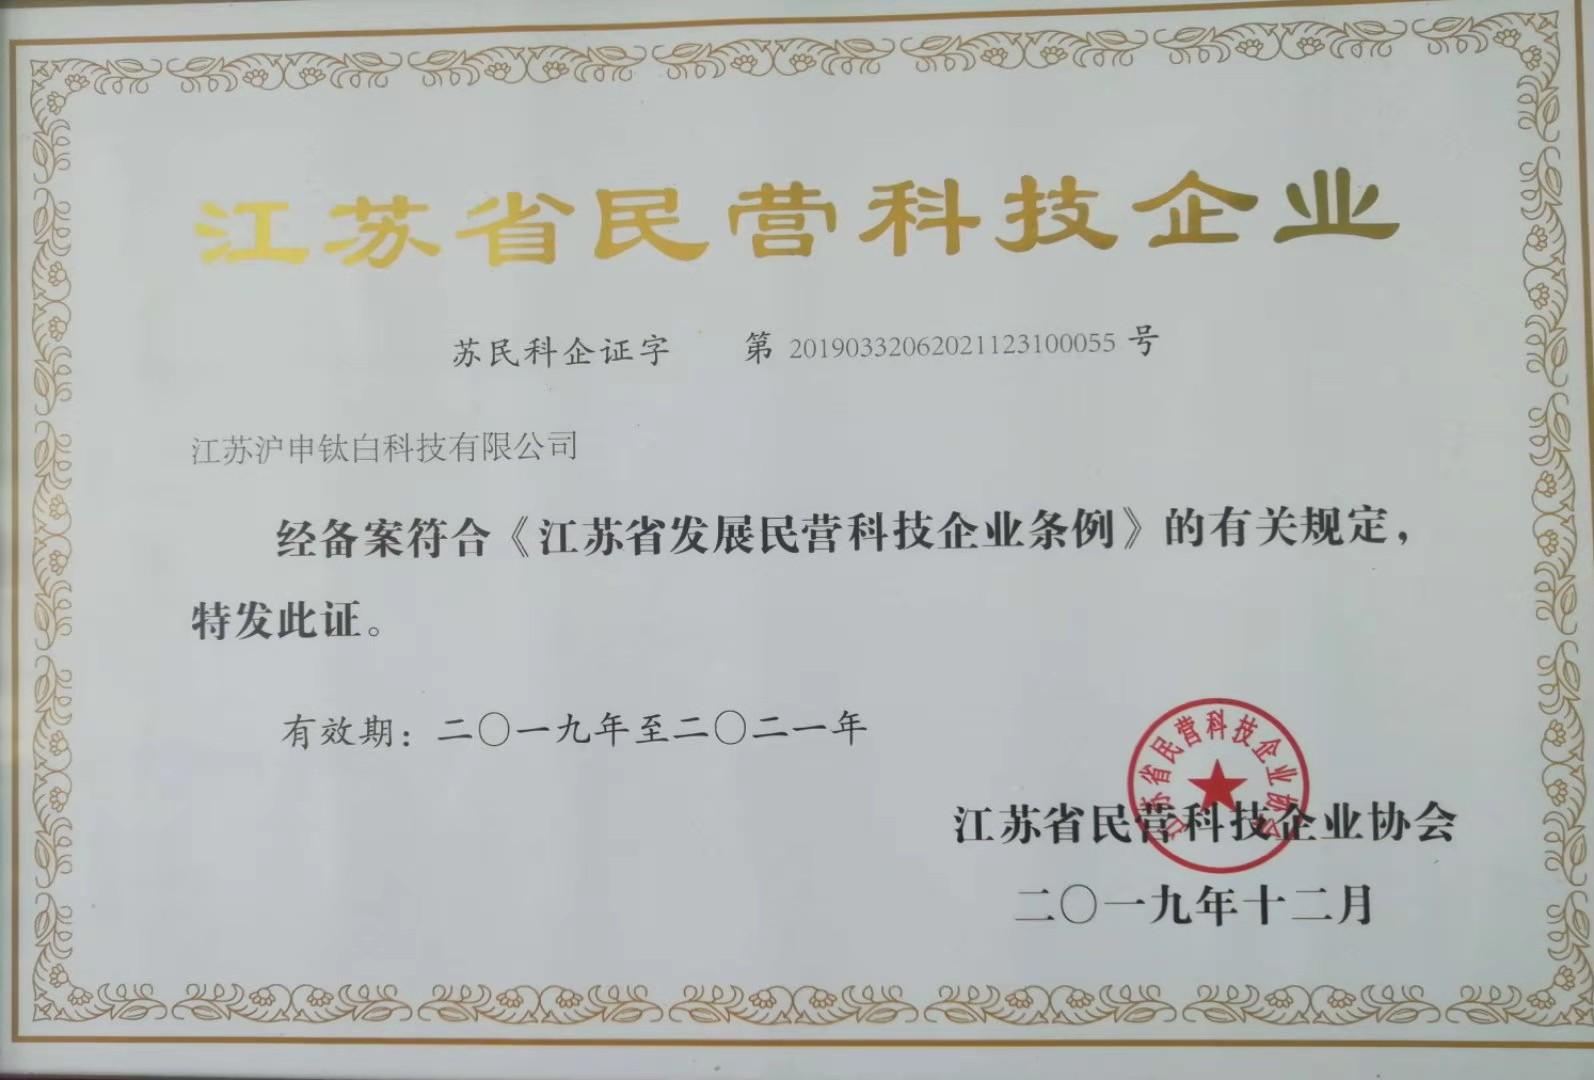 19-12江苏省民营科技企业.jpg